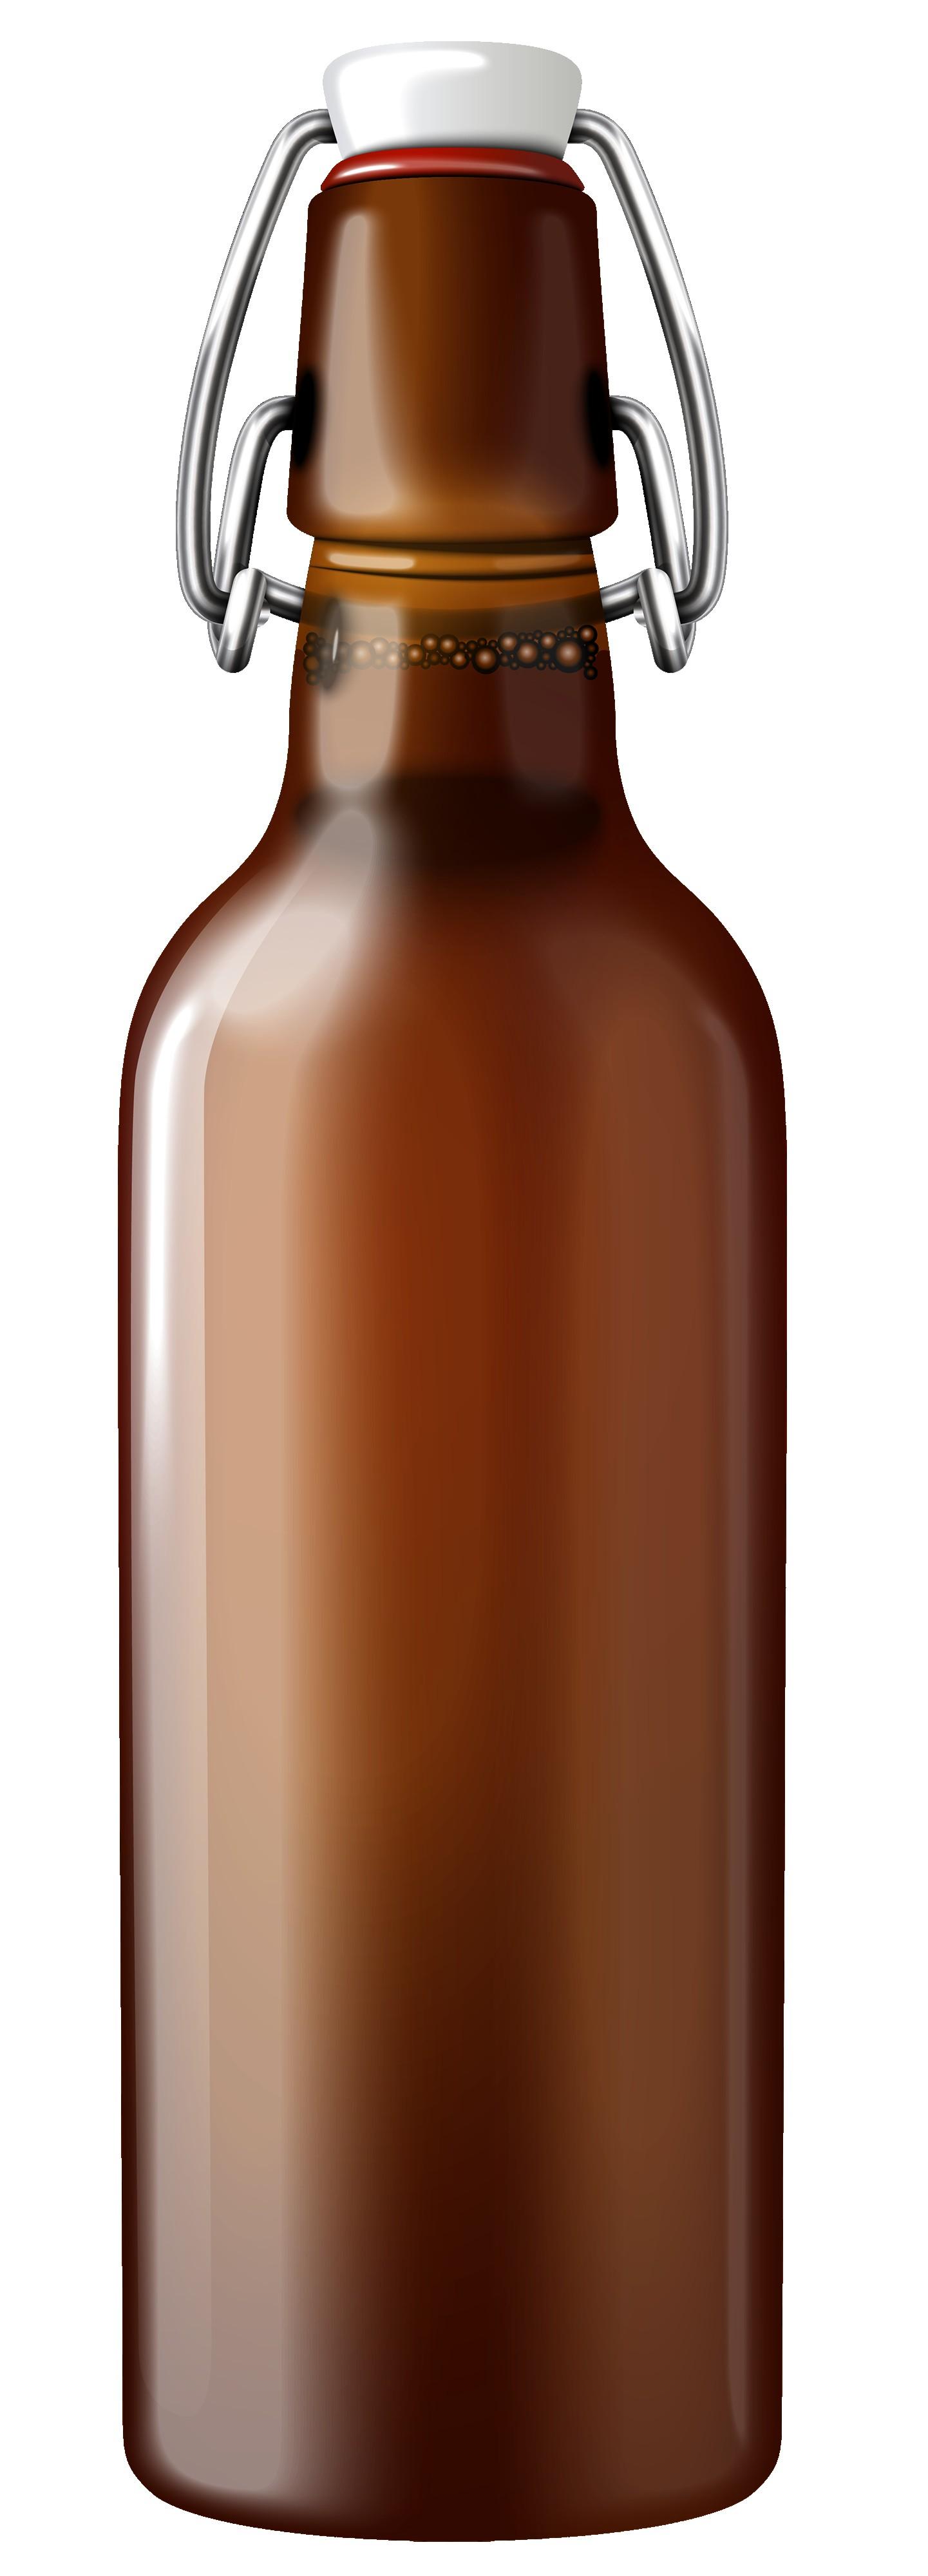 Bottle clipart beer bottle. Bottles juliasmitheppsteiner me png